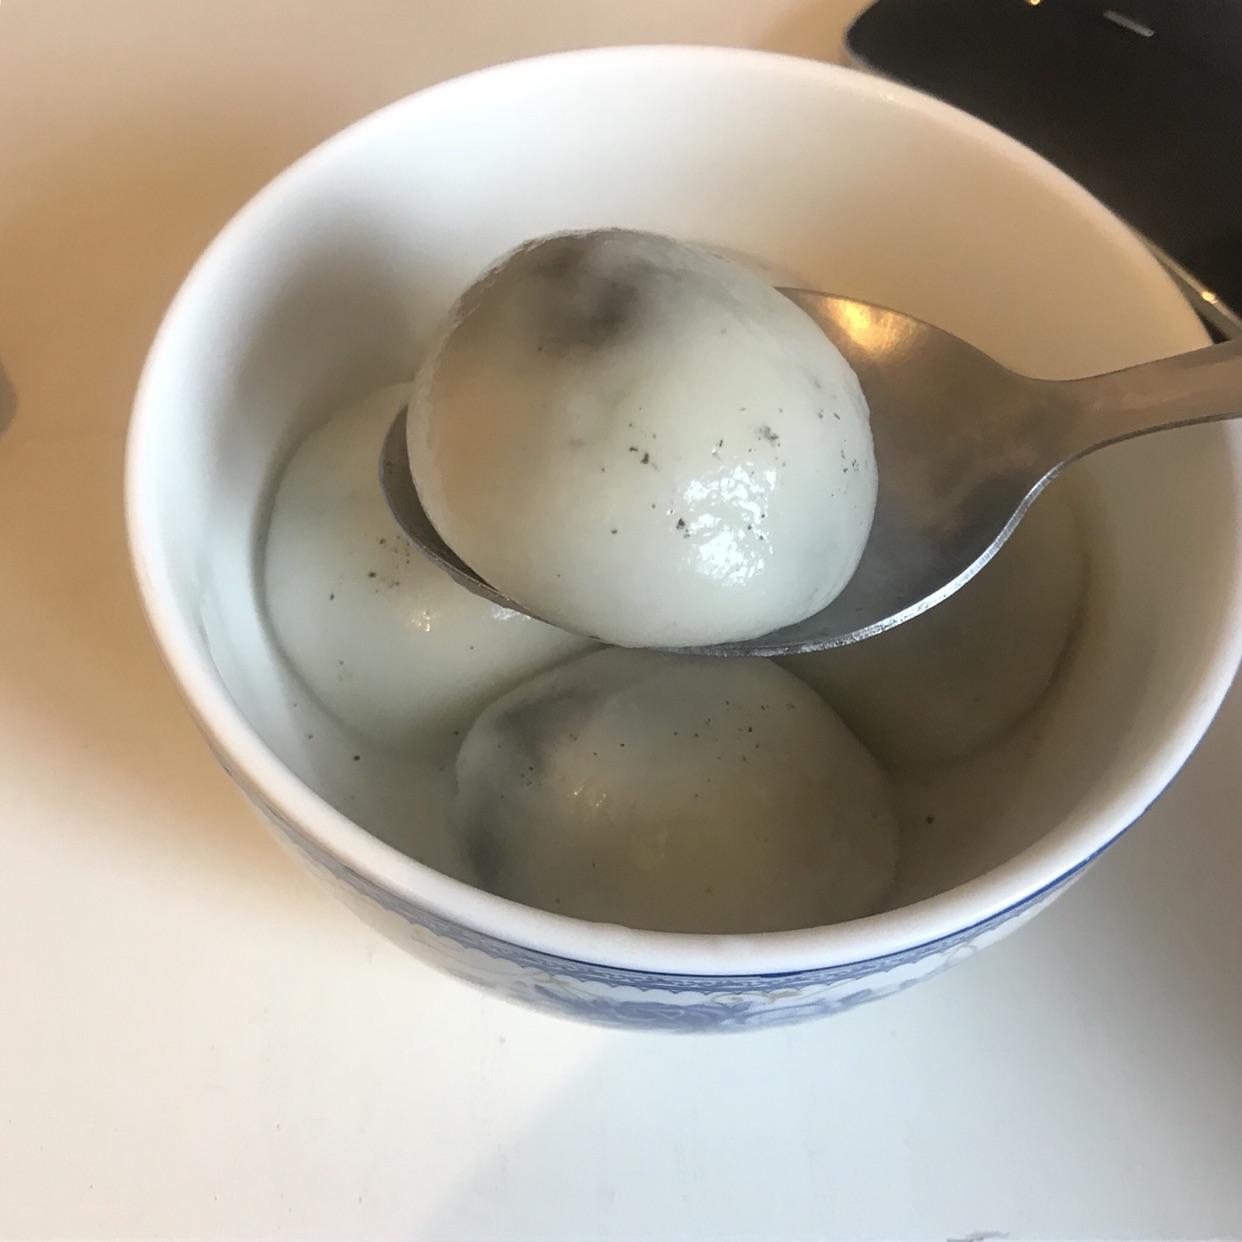 包汤圆吃汤圆:)